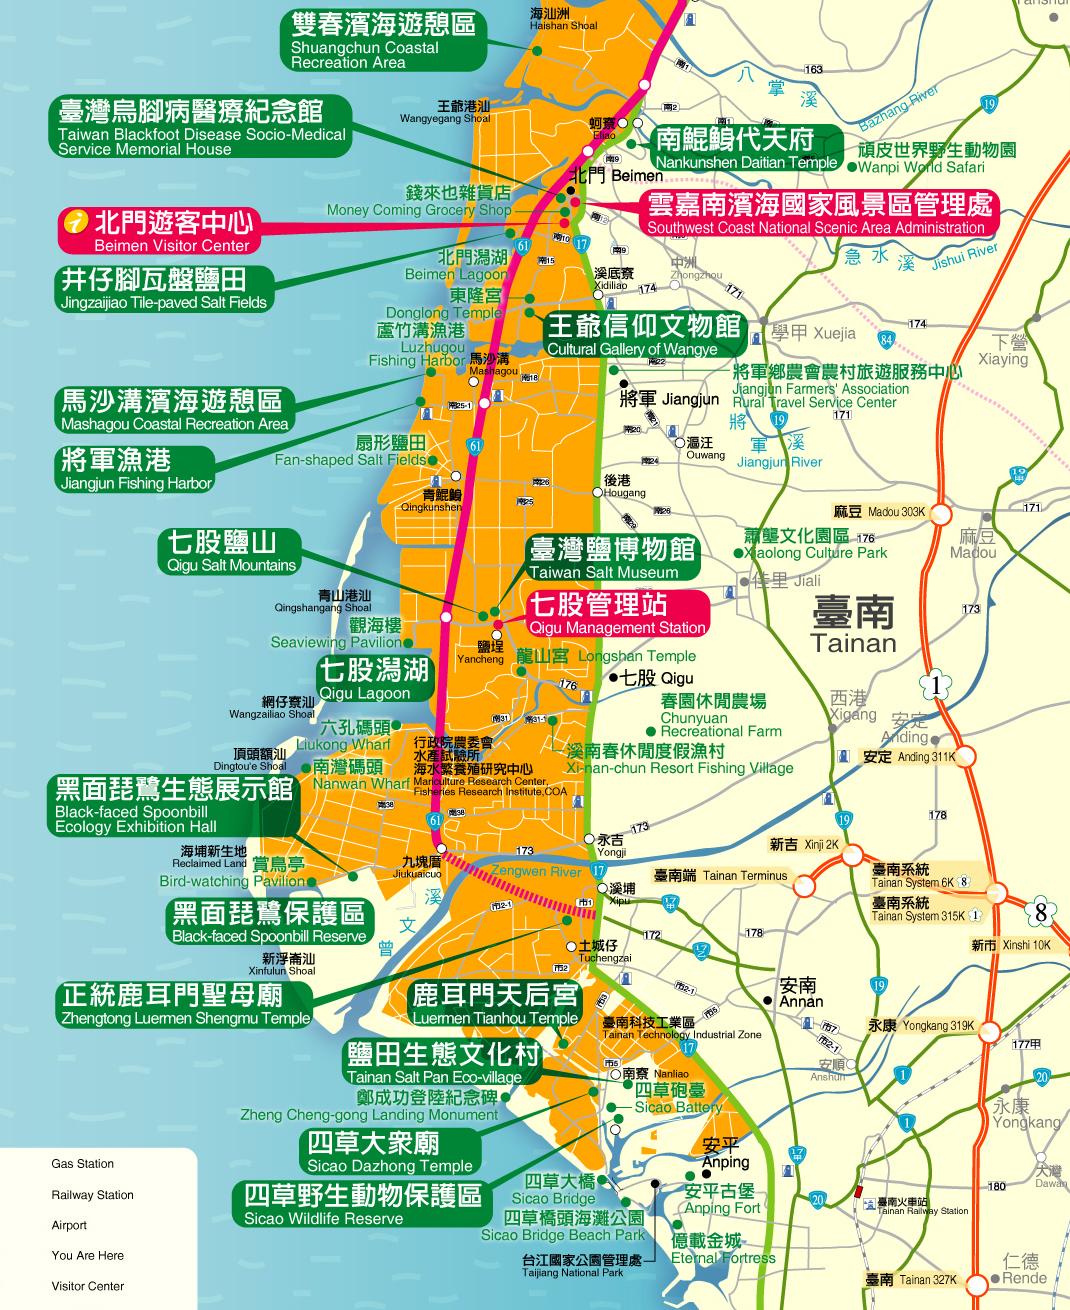 臺南市七股區公所全球資訊網電子地圖,本區未在本圖西南方,將軍區南面、安南區北面。